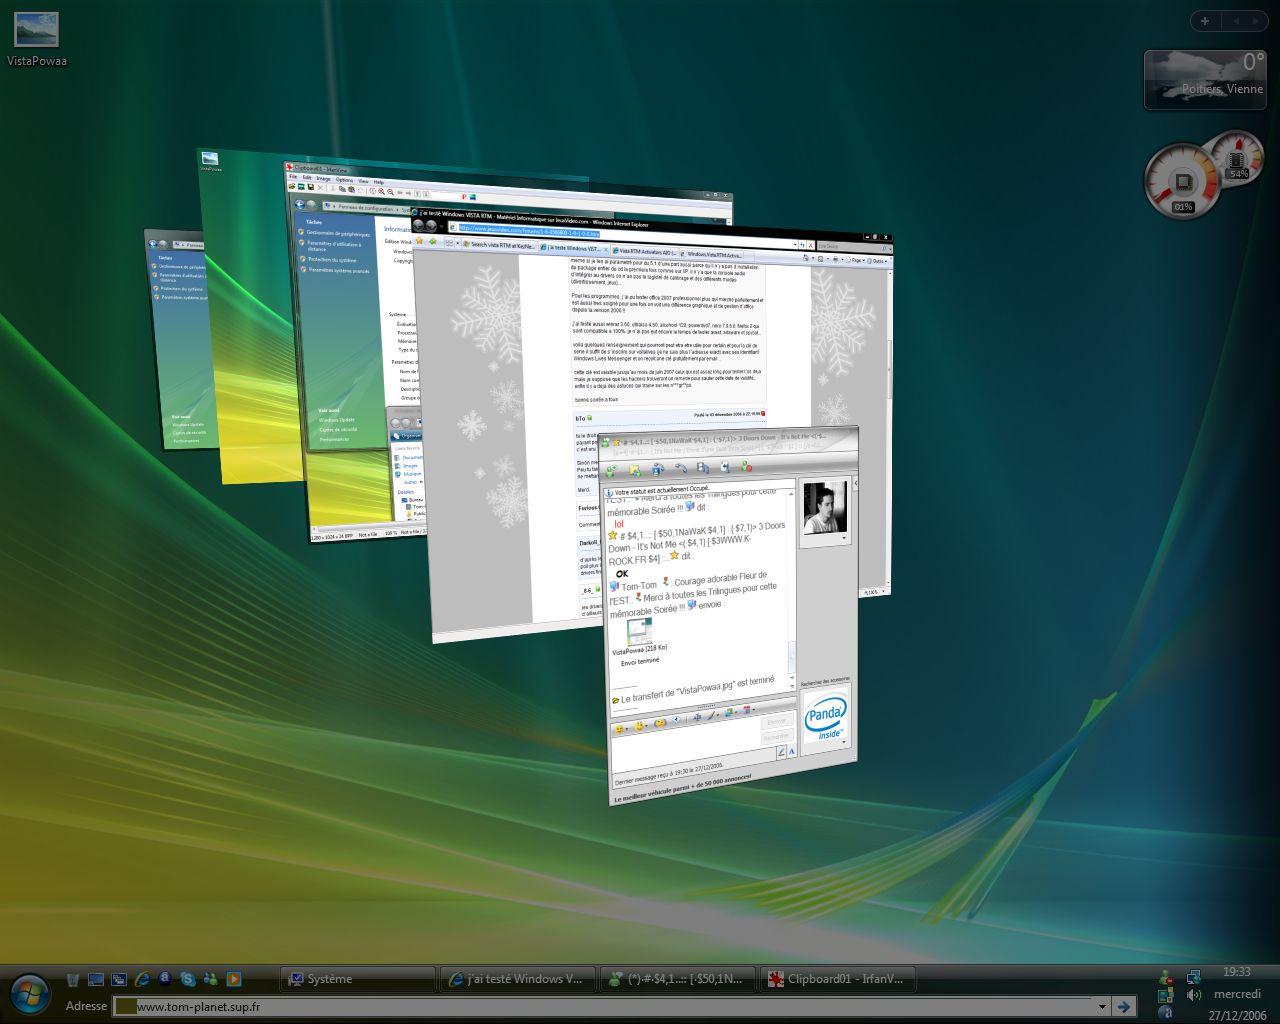 Windows VISTA : Distribution Officiel Vistap11